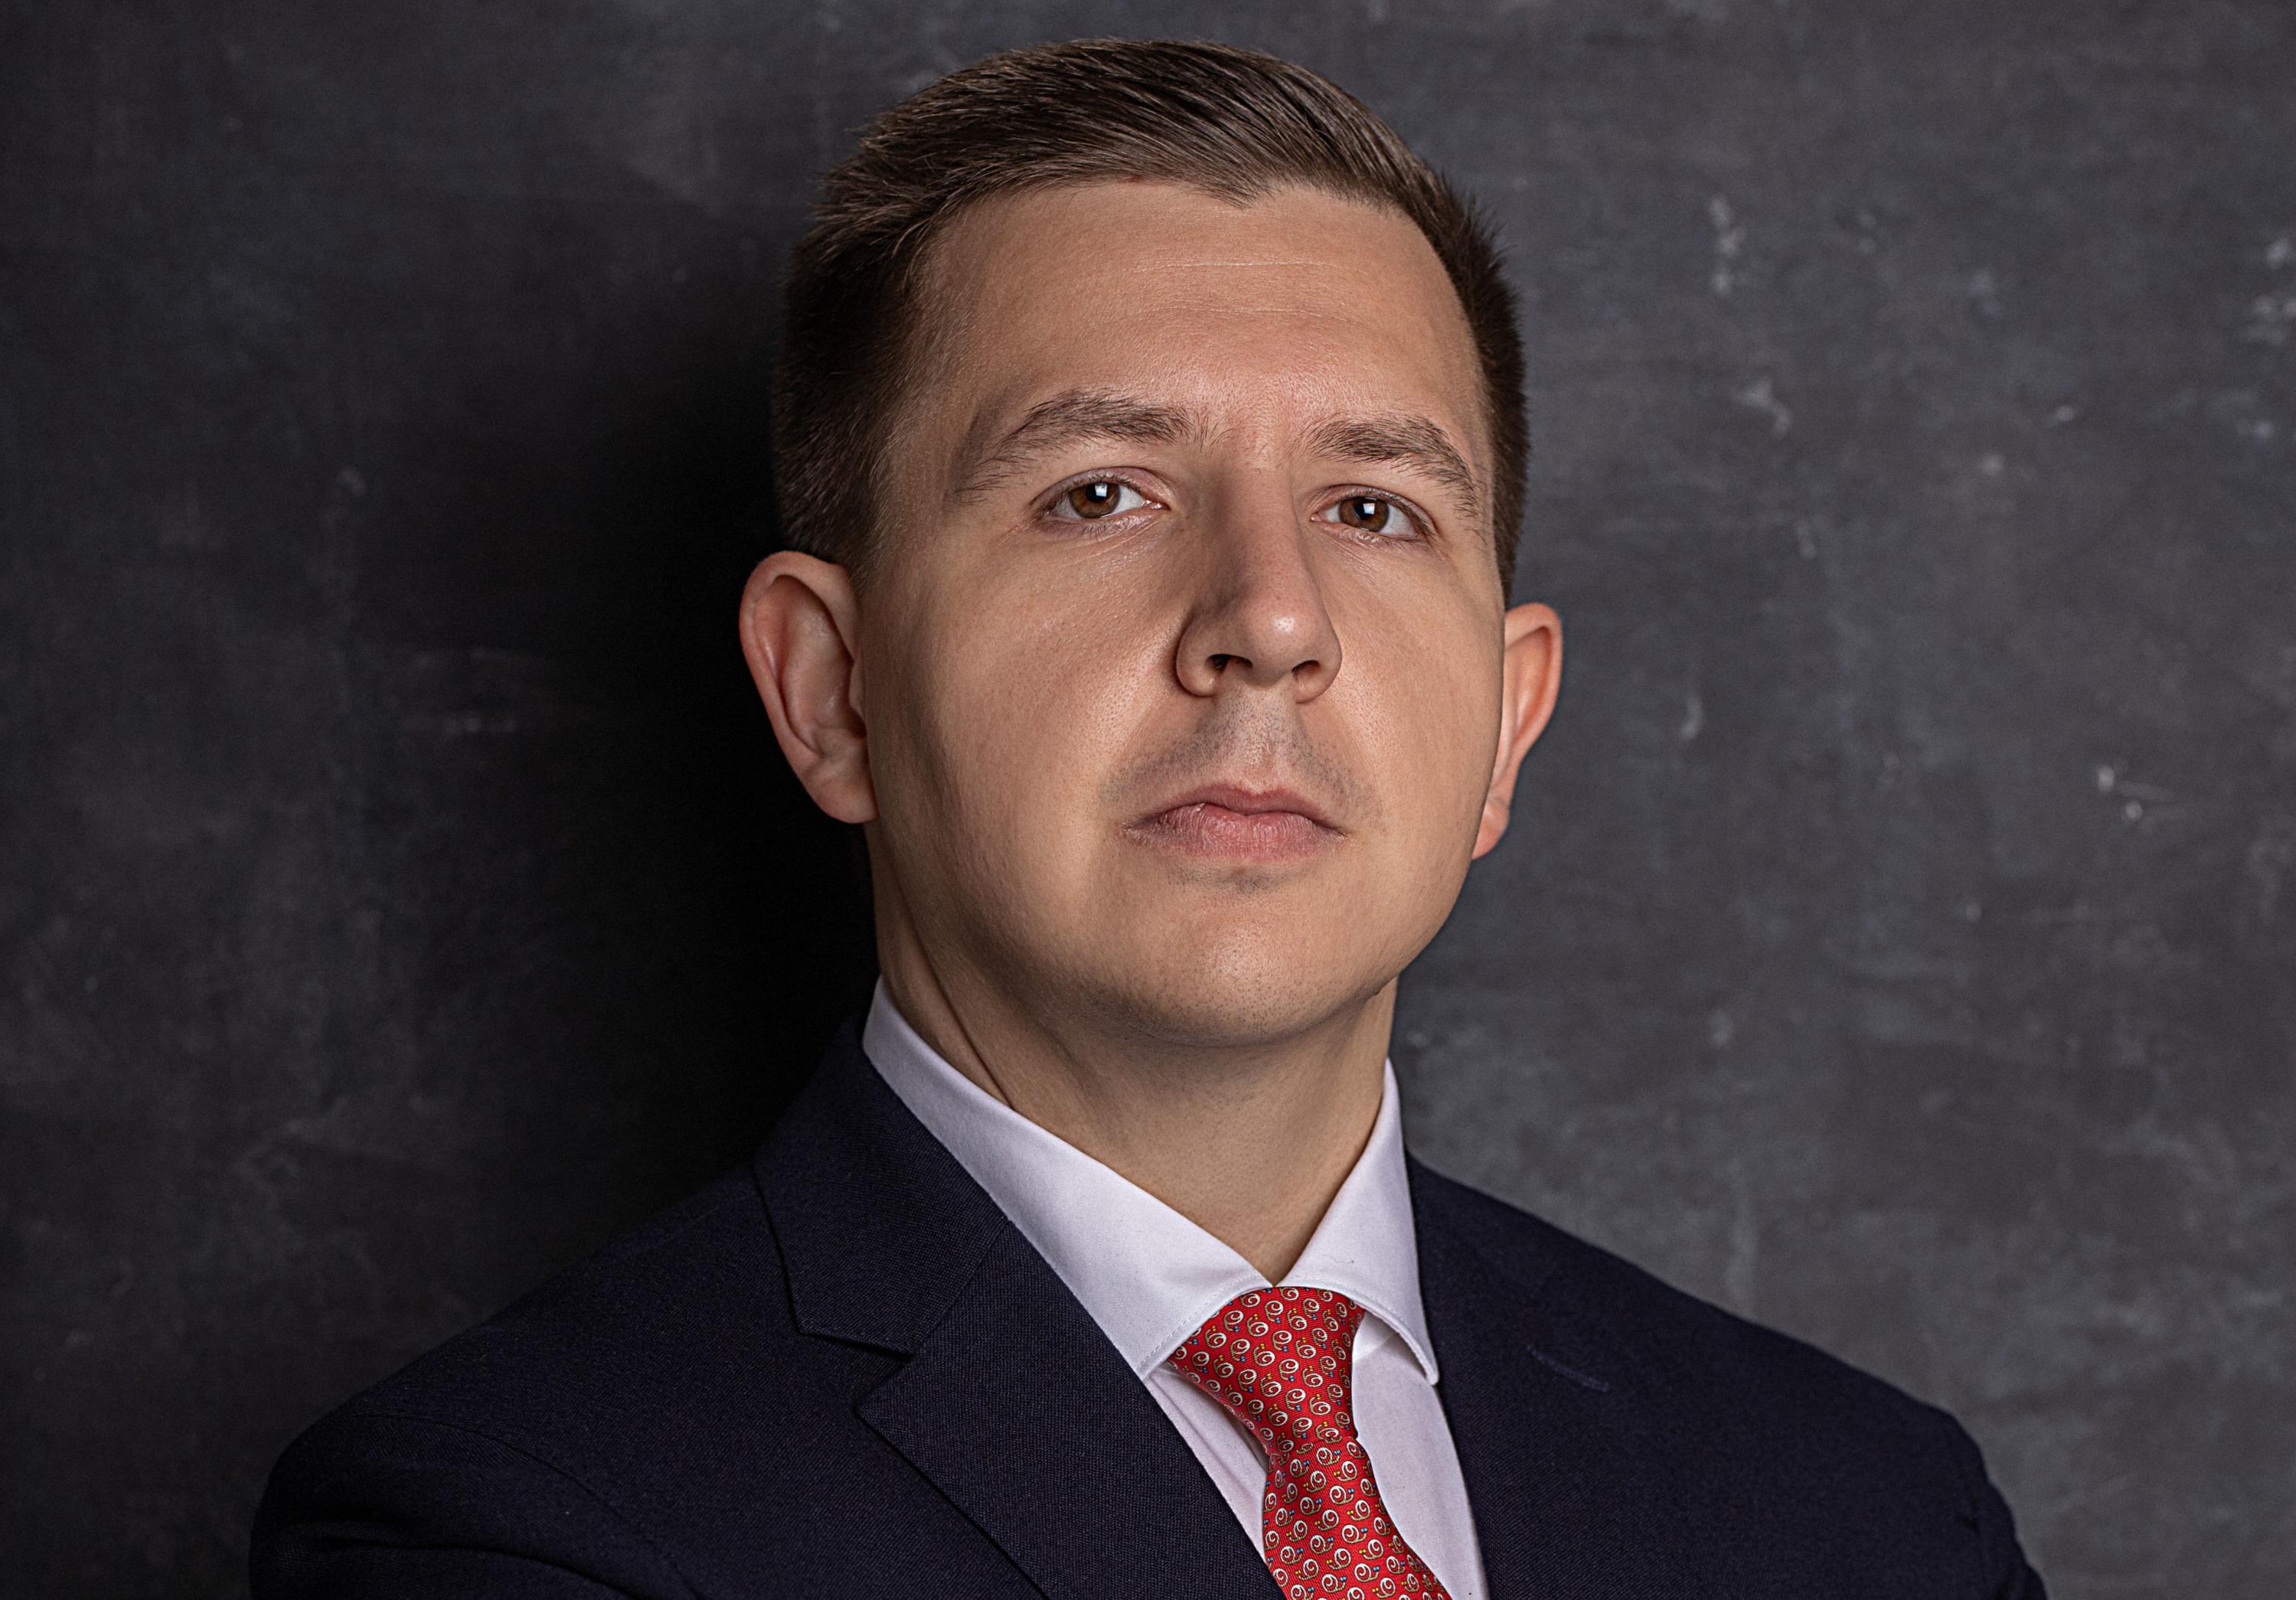 <br><br>фото предоставлено&nbsp;юридическим бюро «Григорьев и партнеры»